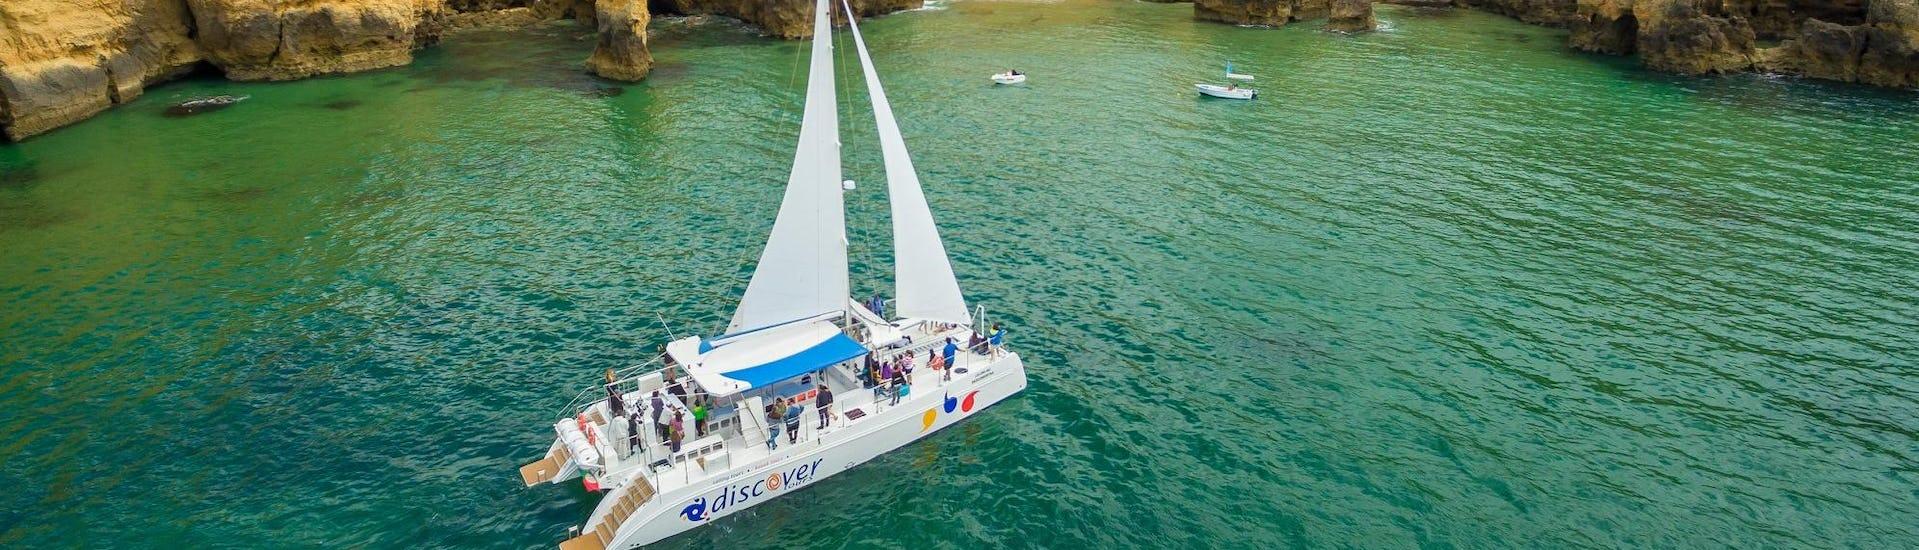 catamaran-tour-golden-coast-low-season-from-lagos-discover-tours-hero